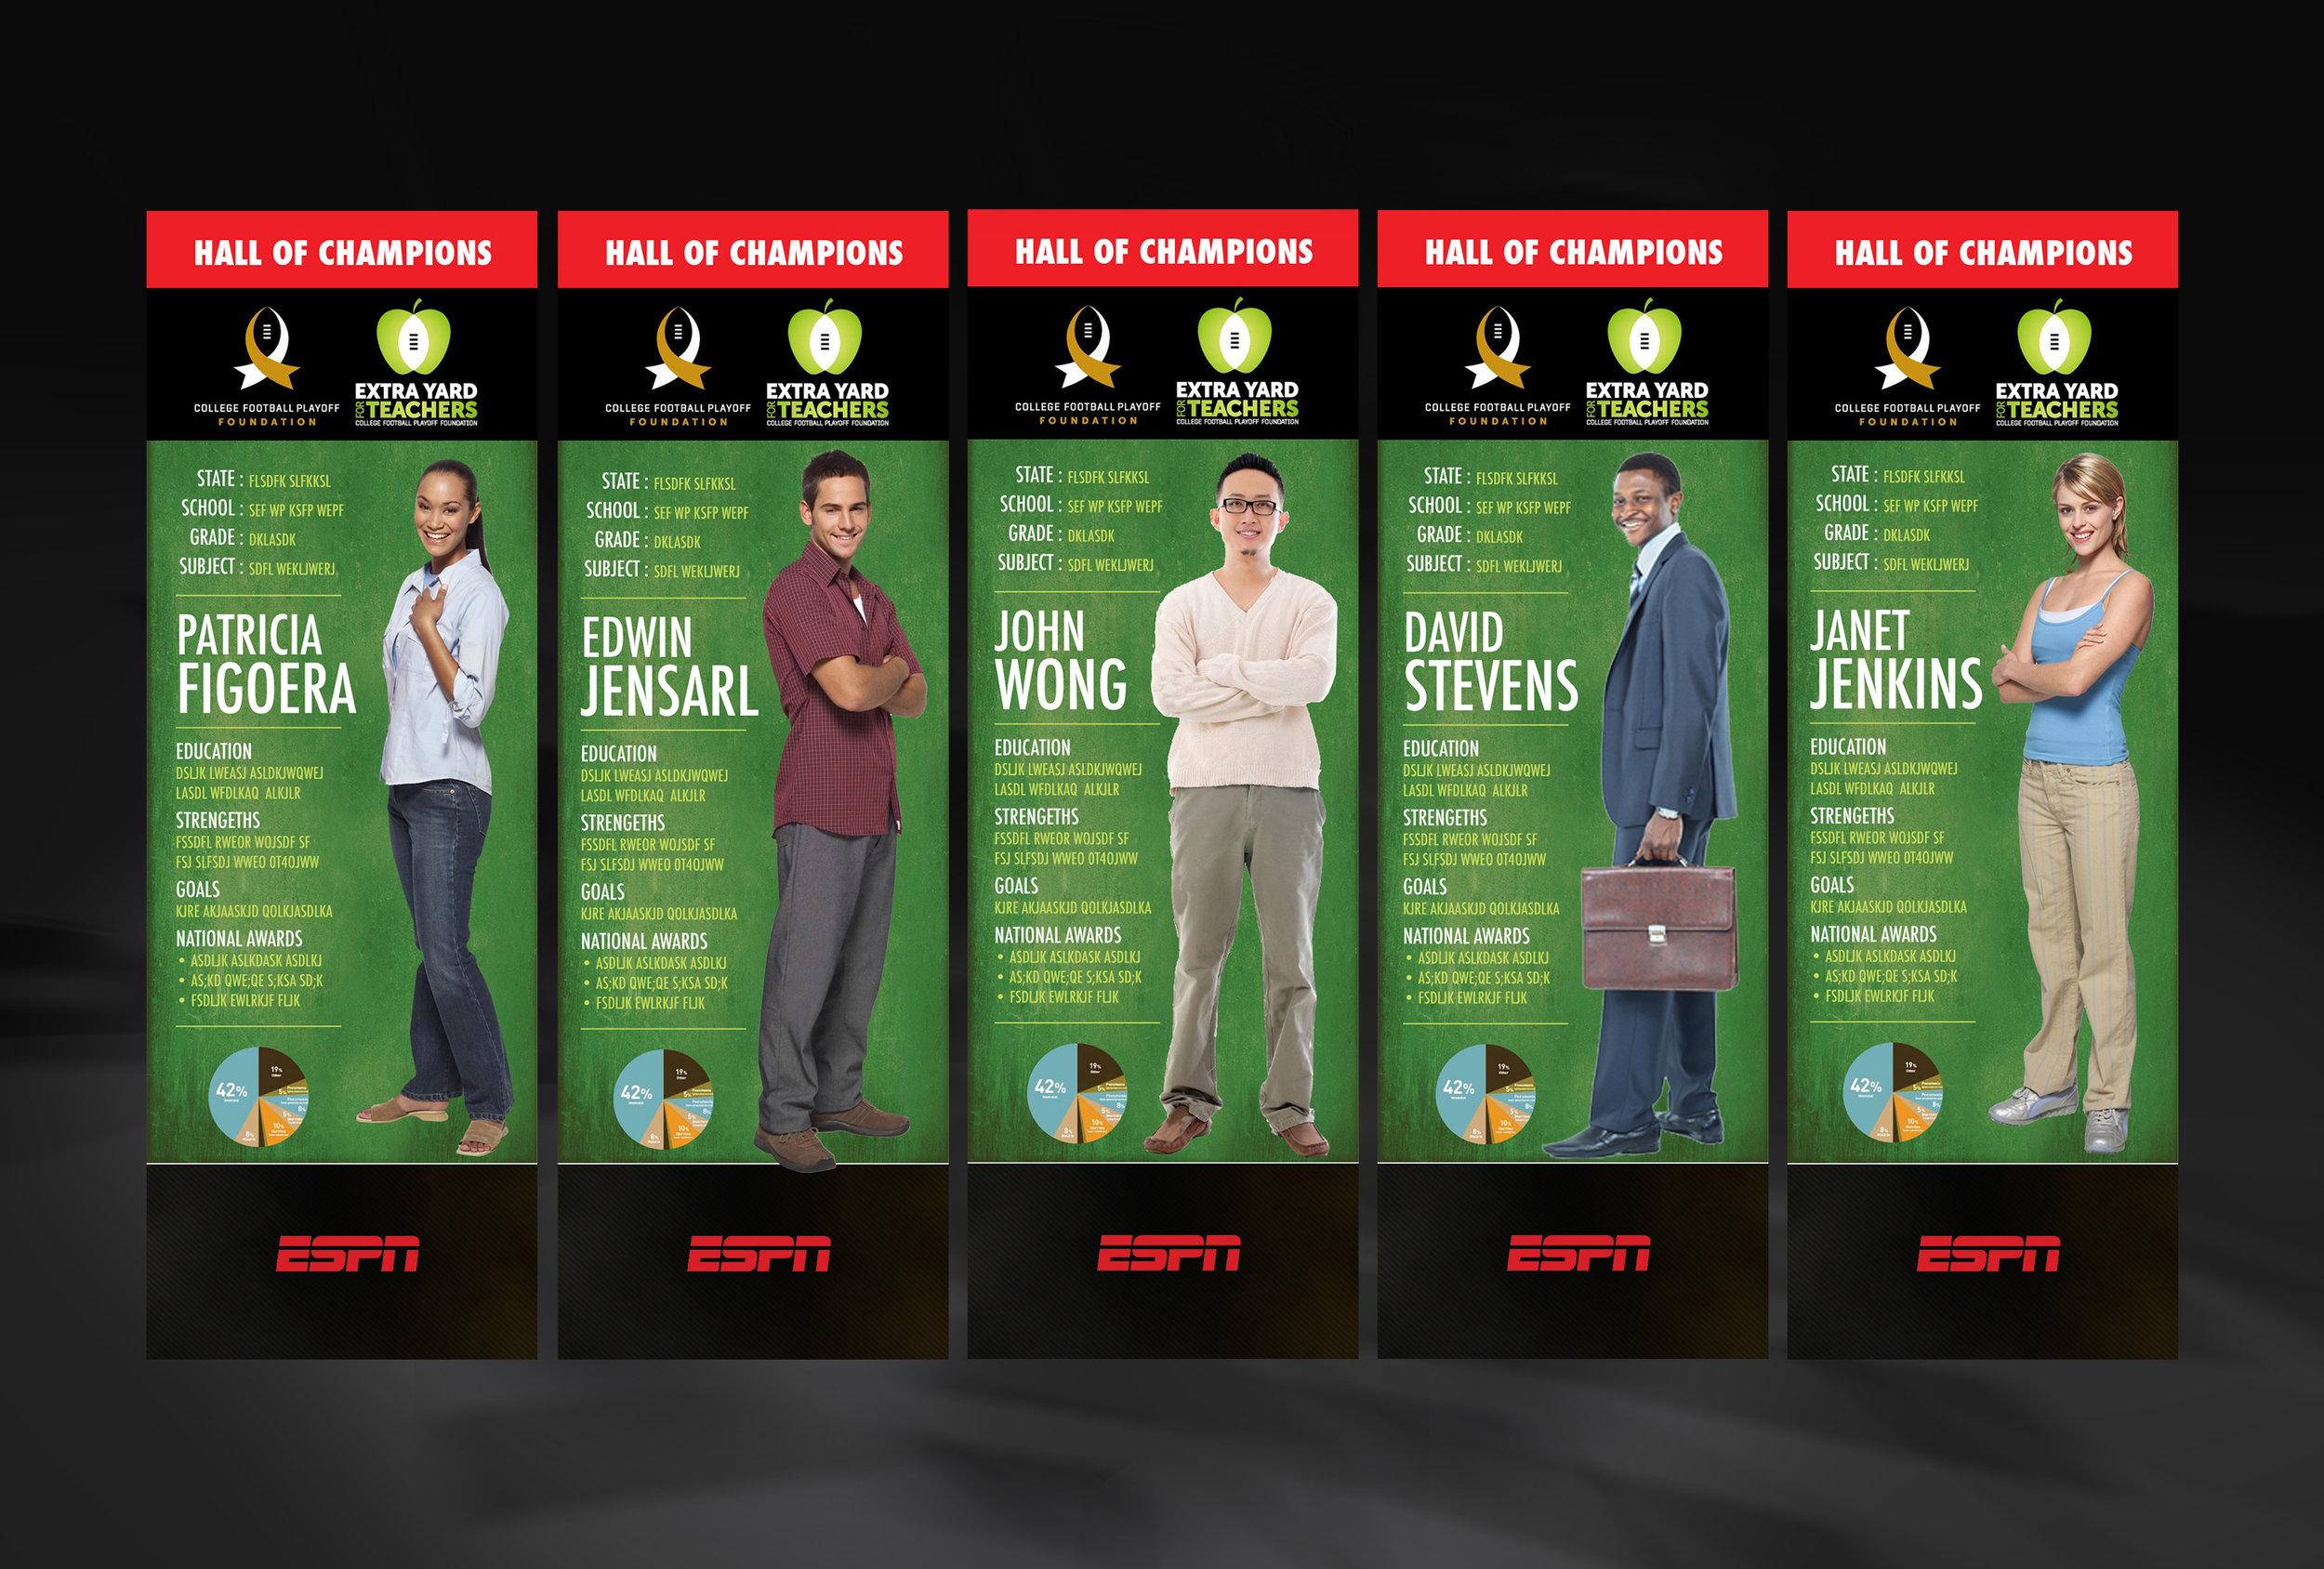 ESPN-.jpg